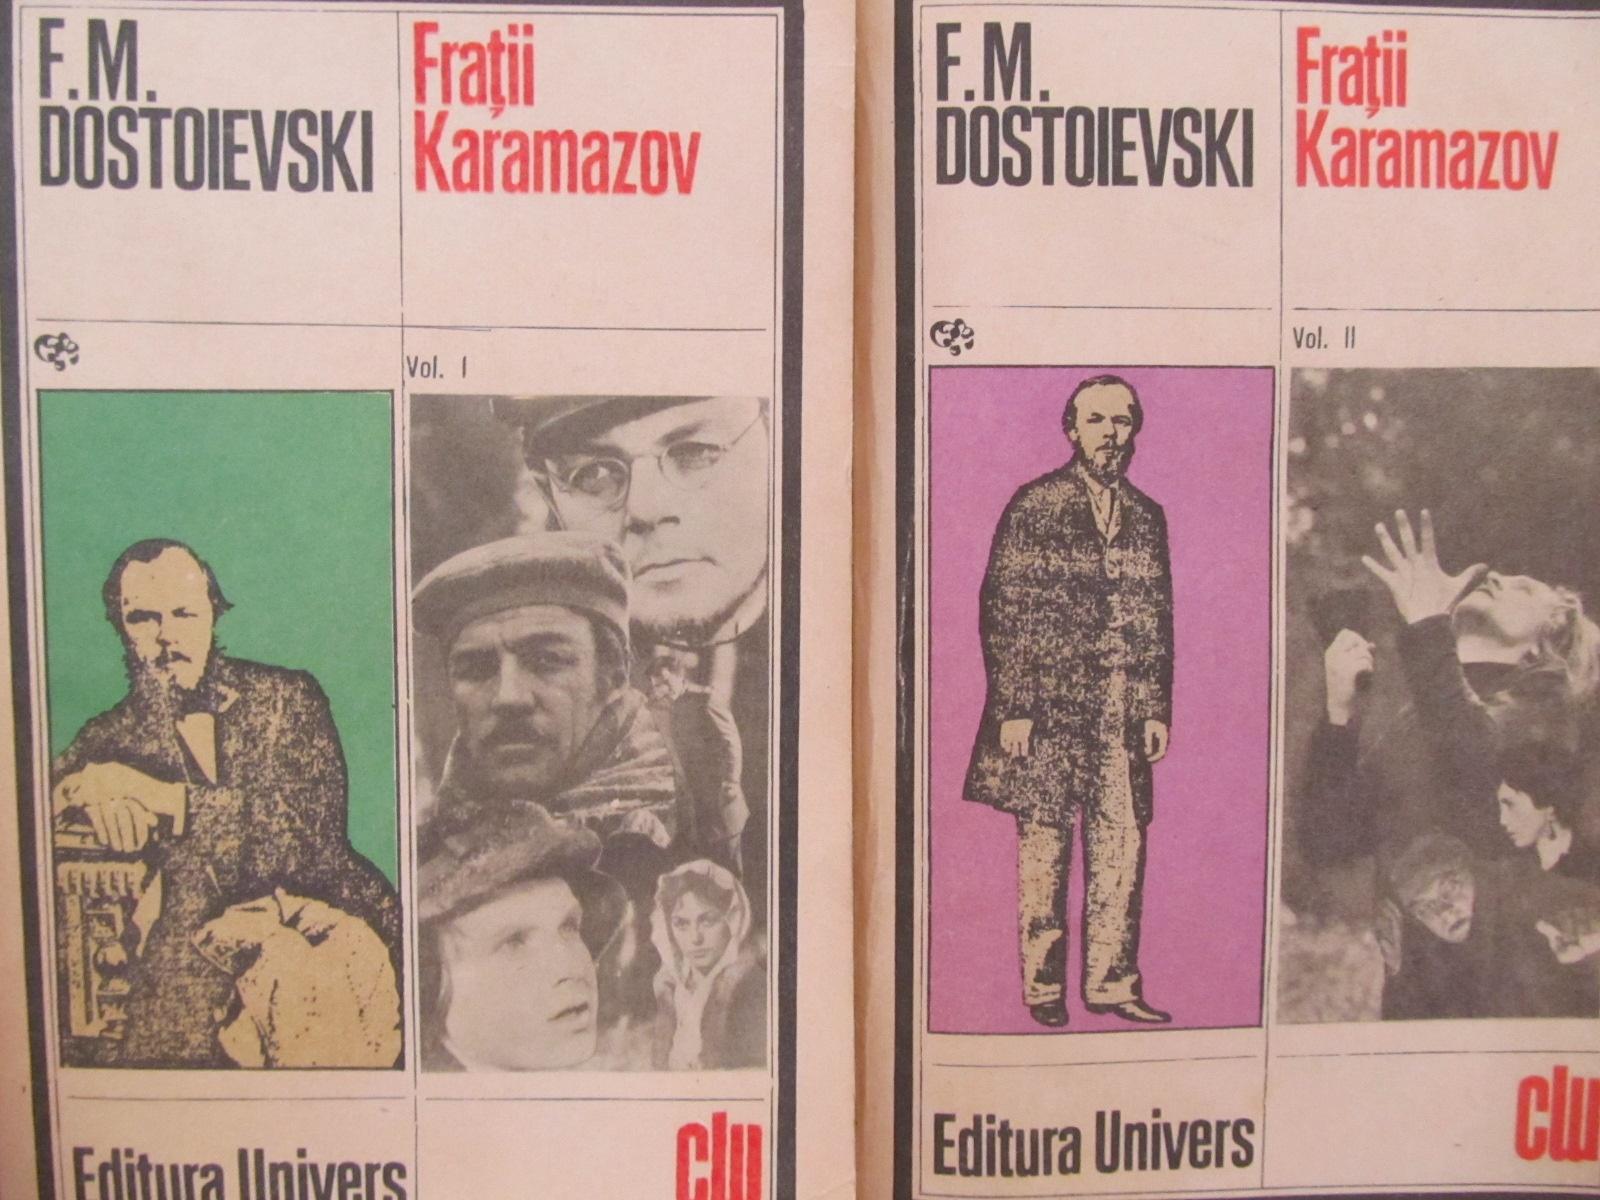 Carte Fratii Karamazov (2 vol.) - F. M. Dostoievski